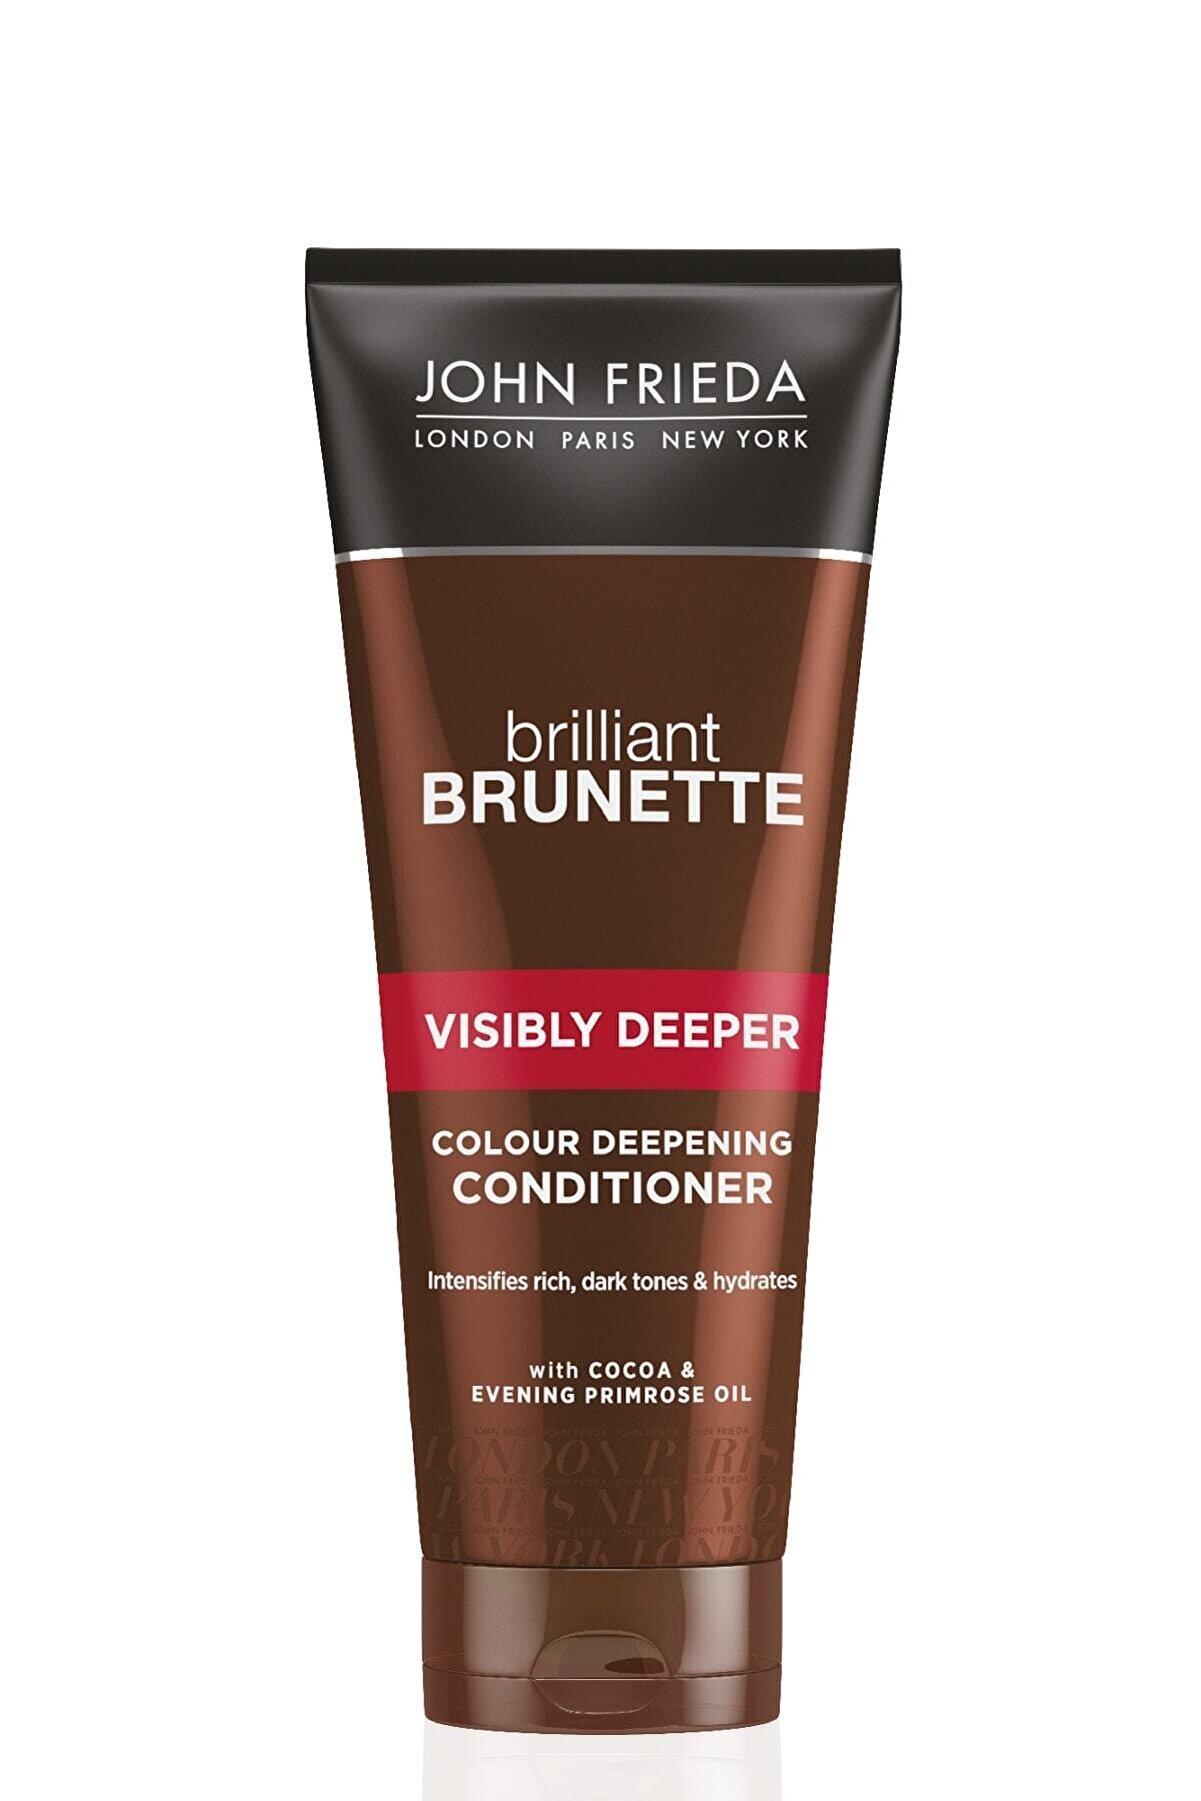 John Frieda Kahverengi Saçlara Özel Ton Koyulaştırıcı Ve Parlatıcı Bakım Kremi - Brilliant Brunette